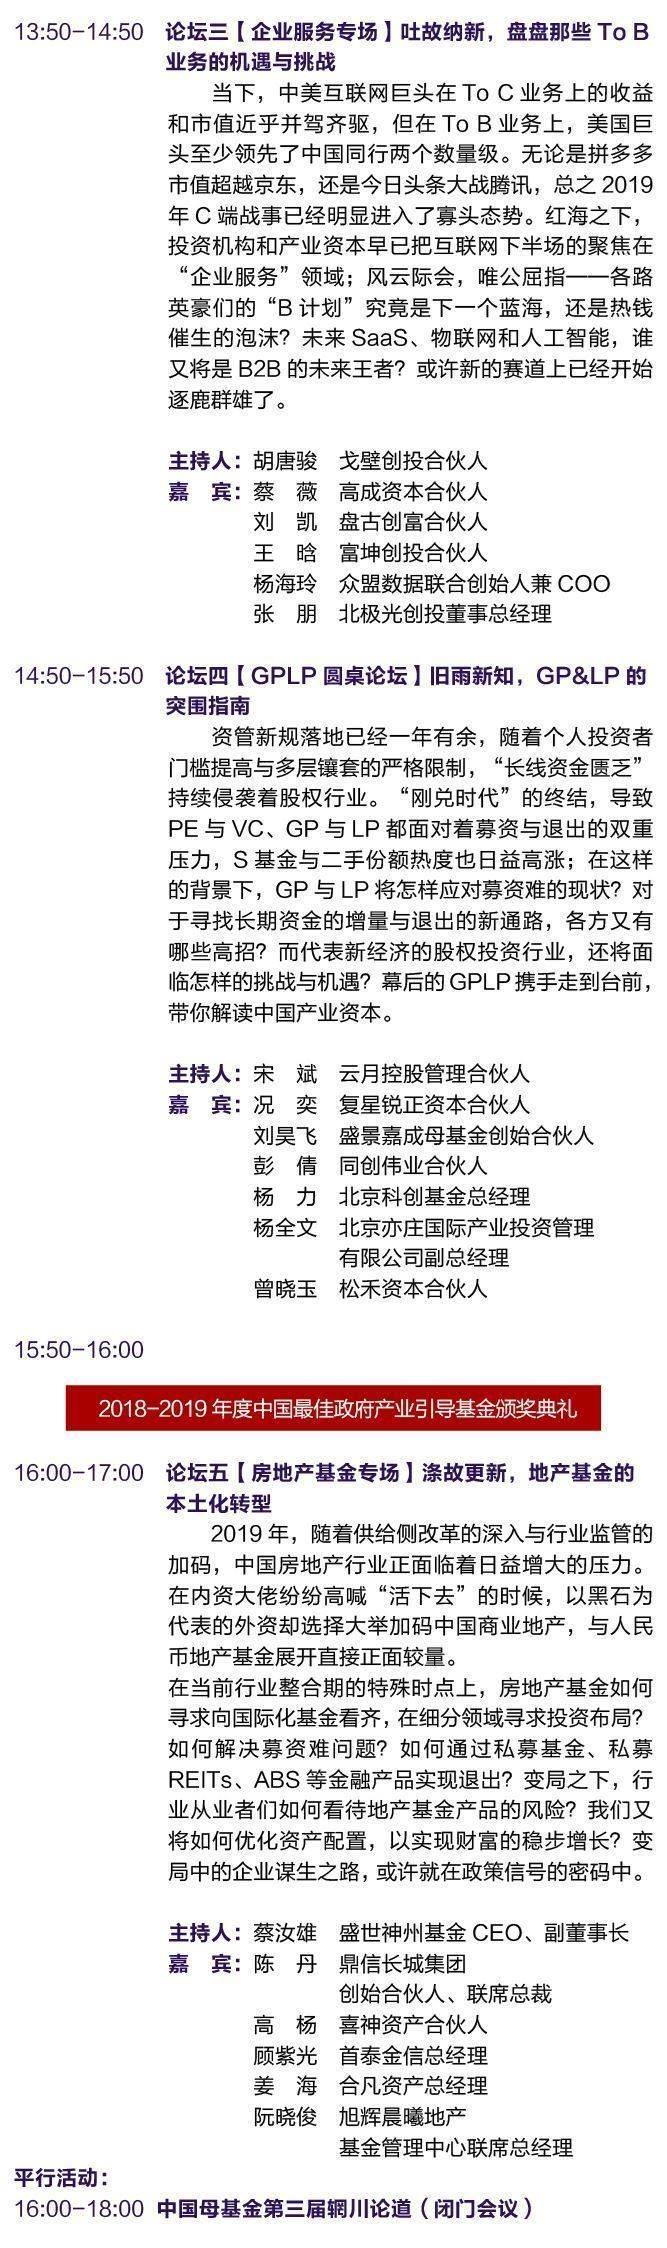 融资中国2019股权产业投资峰会-报名网站7.16_03.jpg